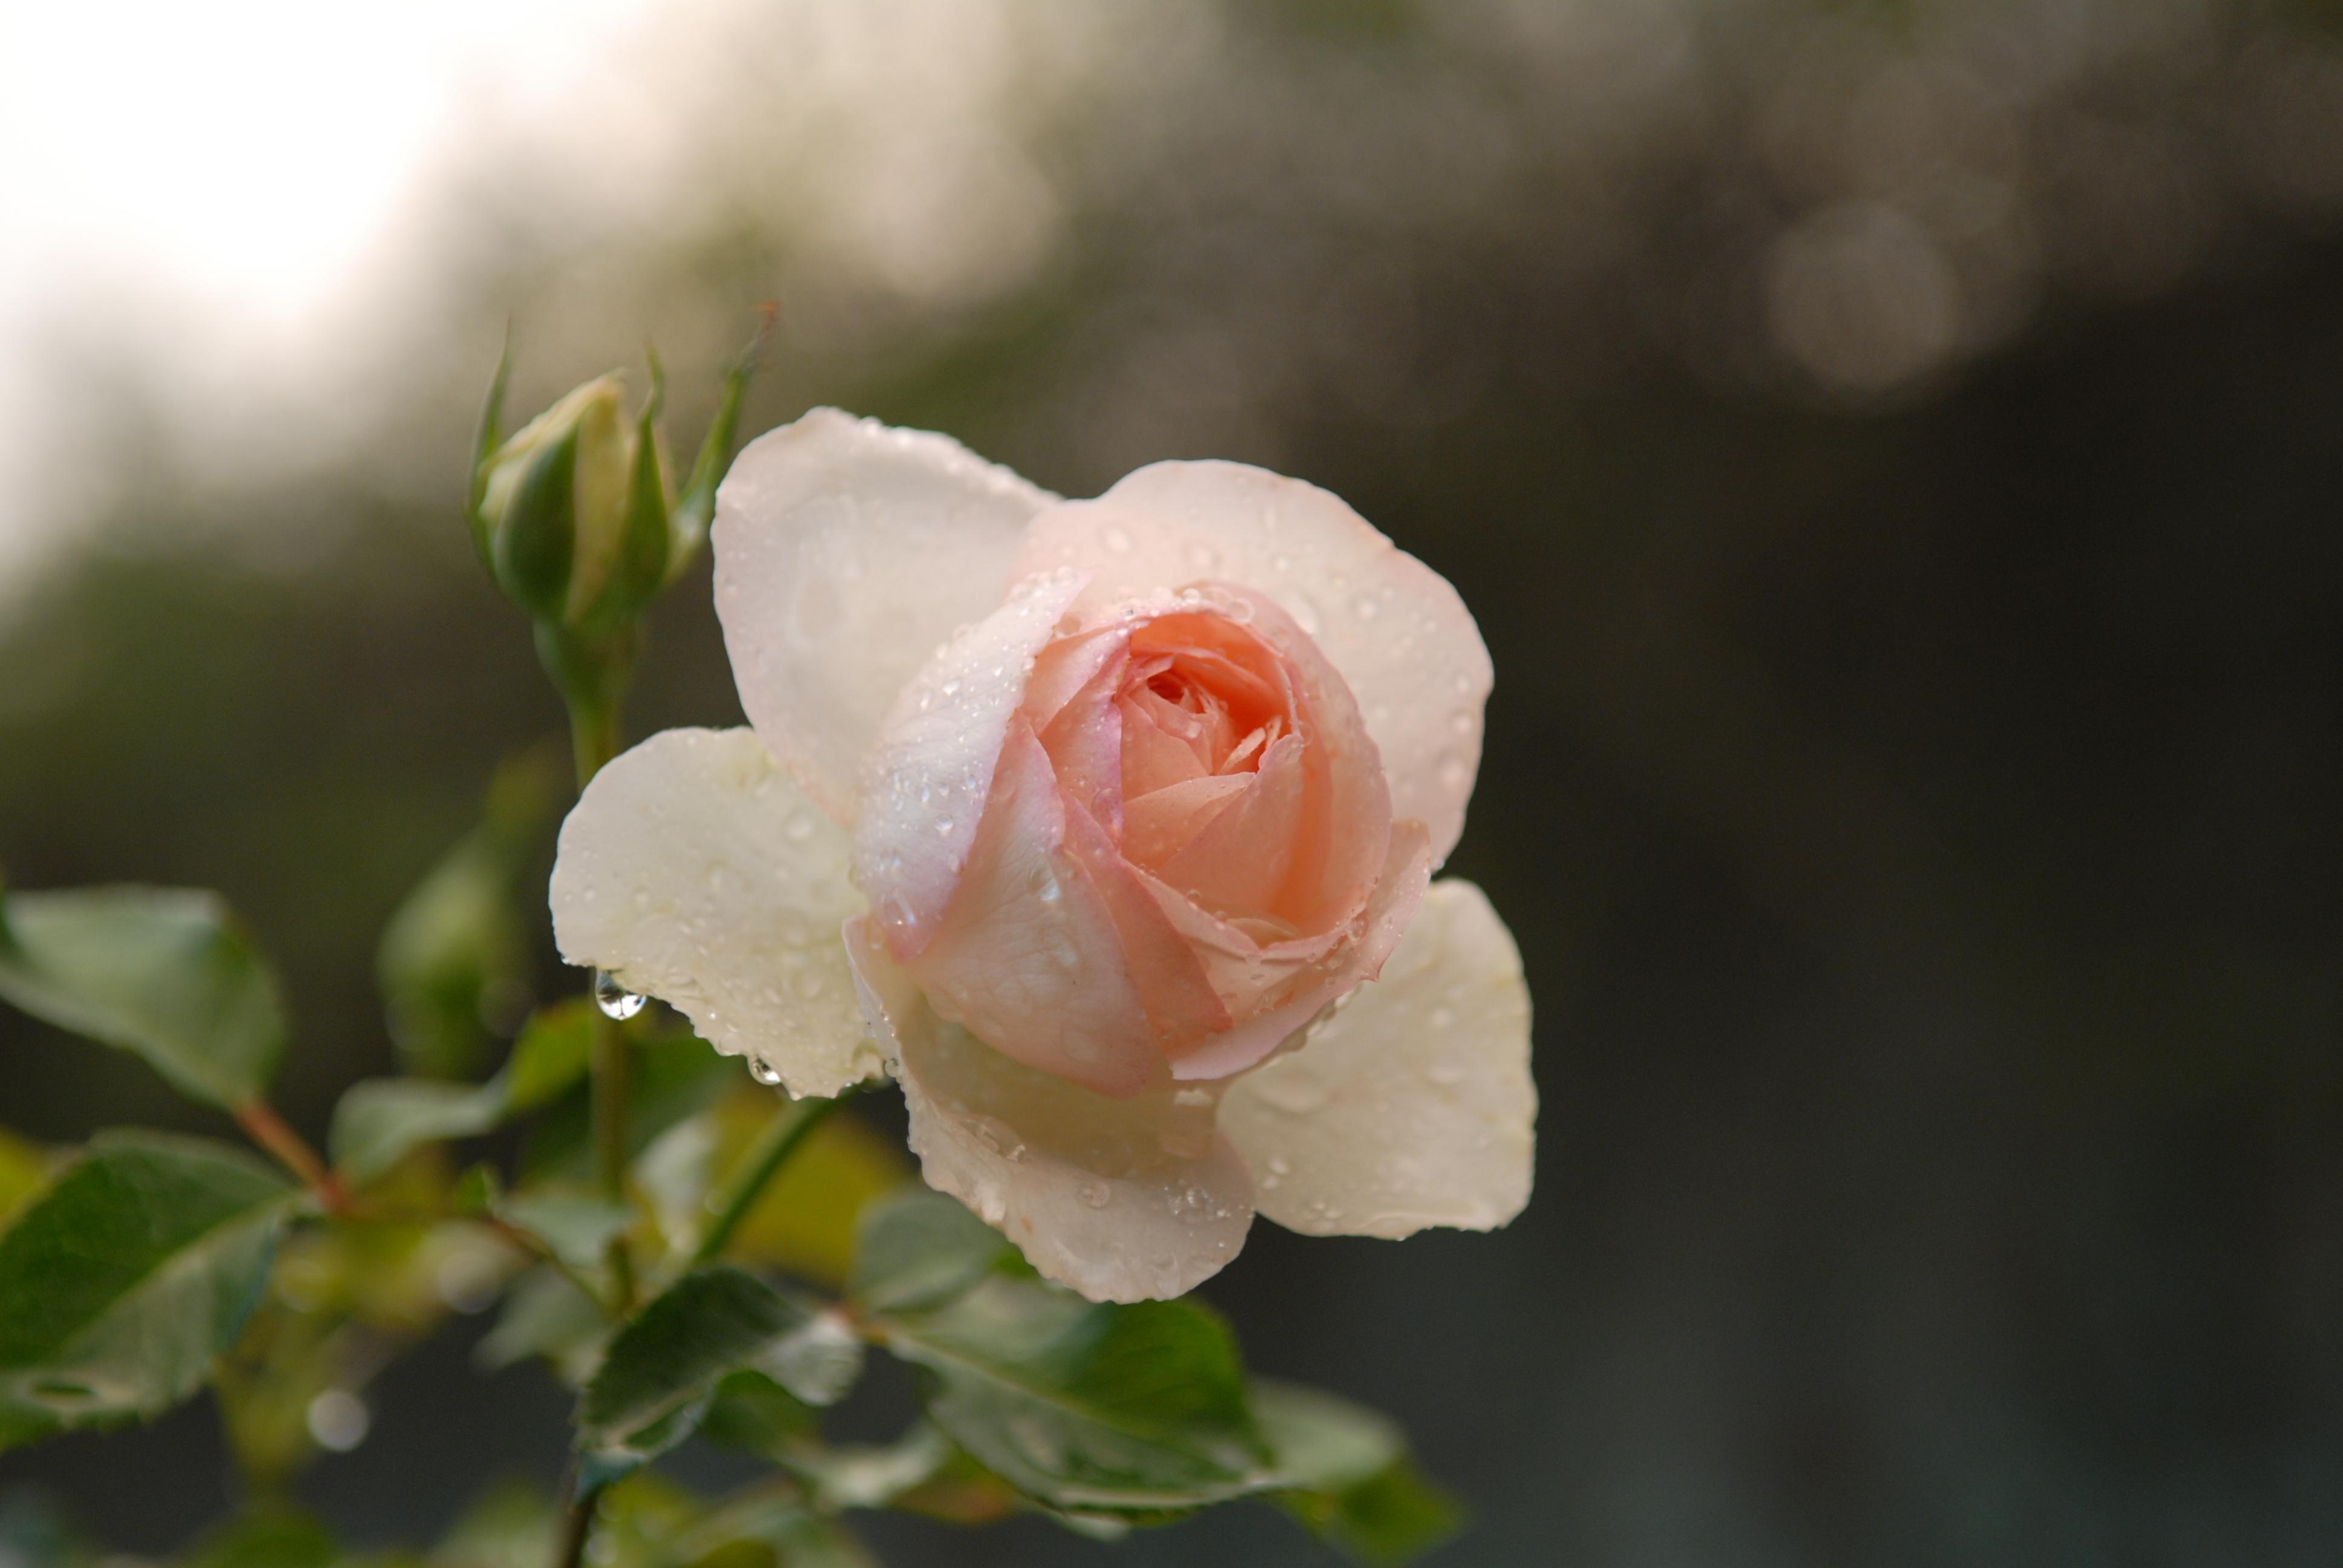 rose - Ninfa Gardens, Italy